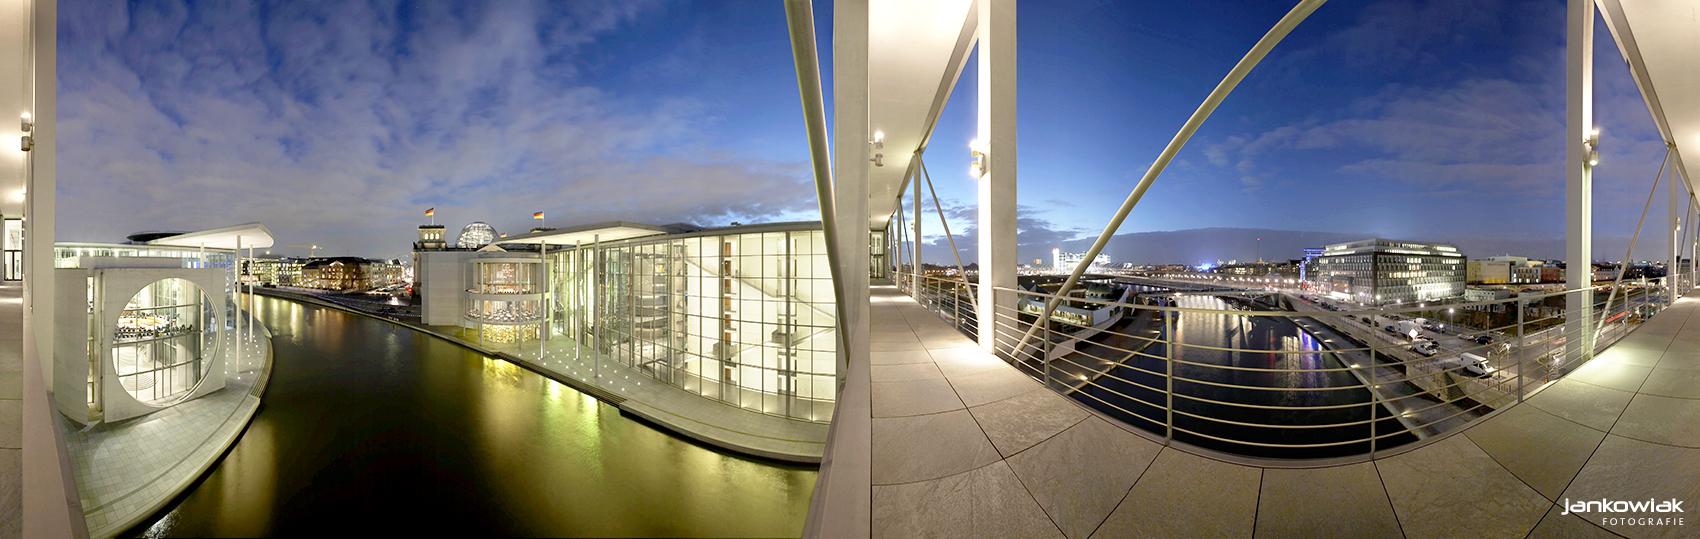 architektur_37